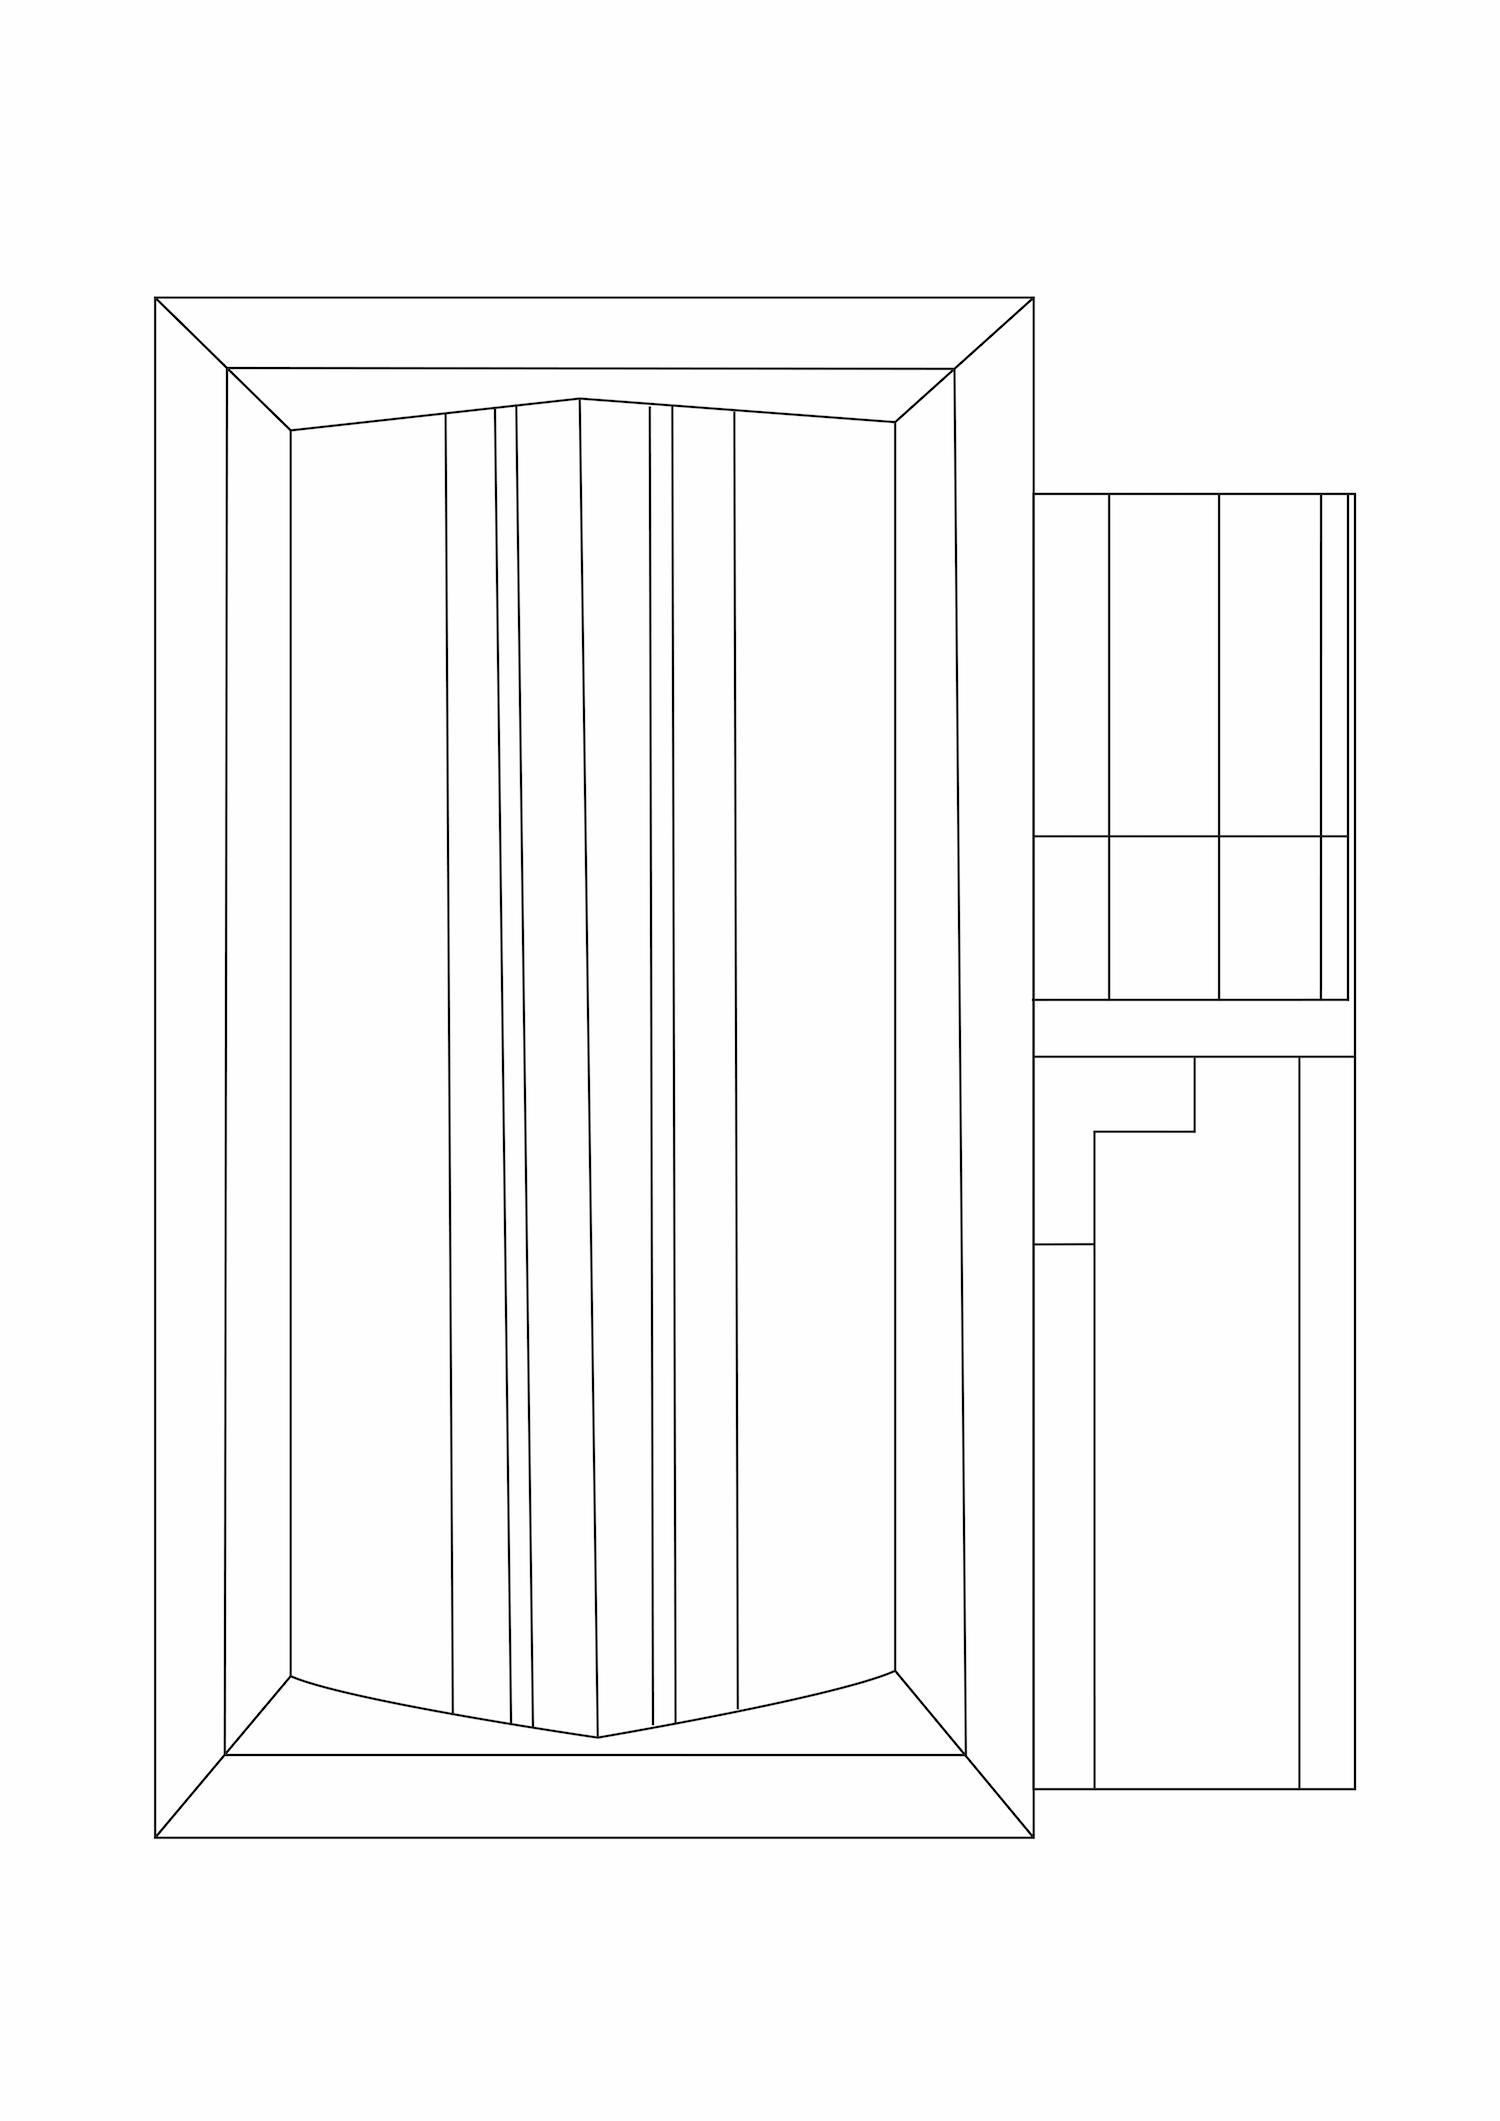 56_Zeichenfläche 1.jpg